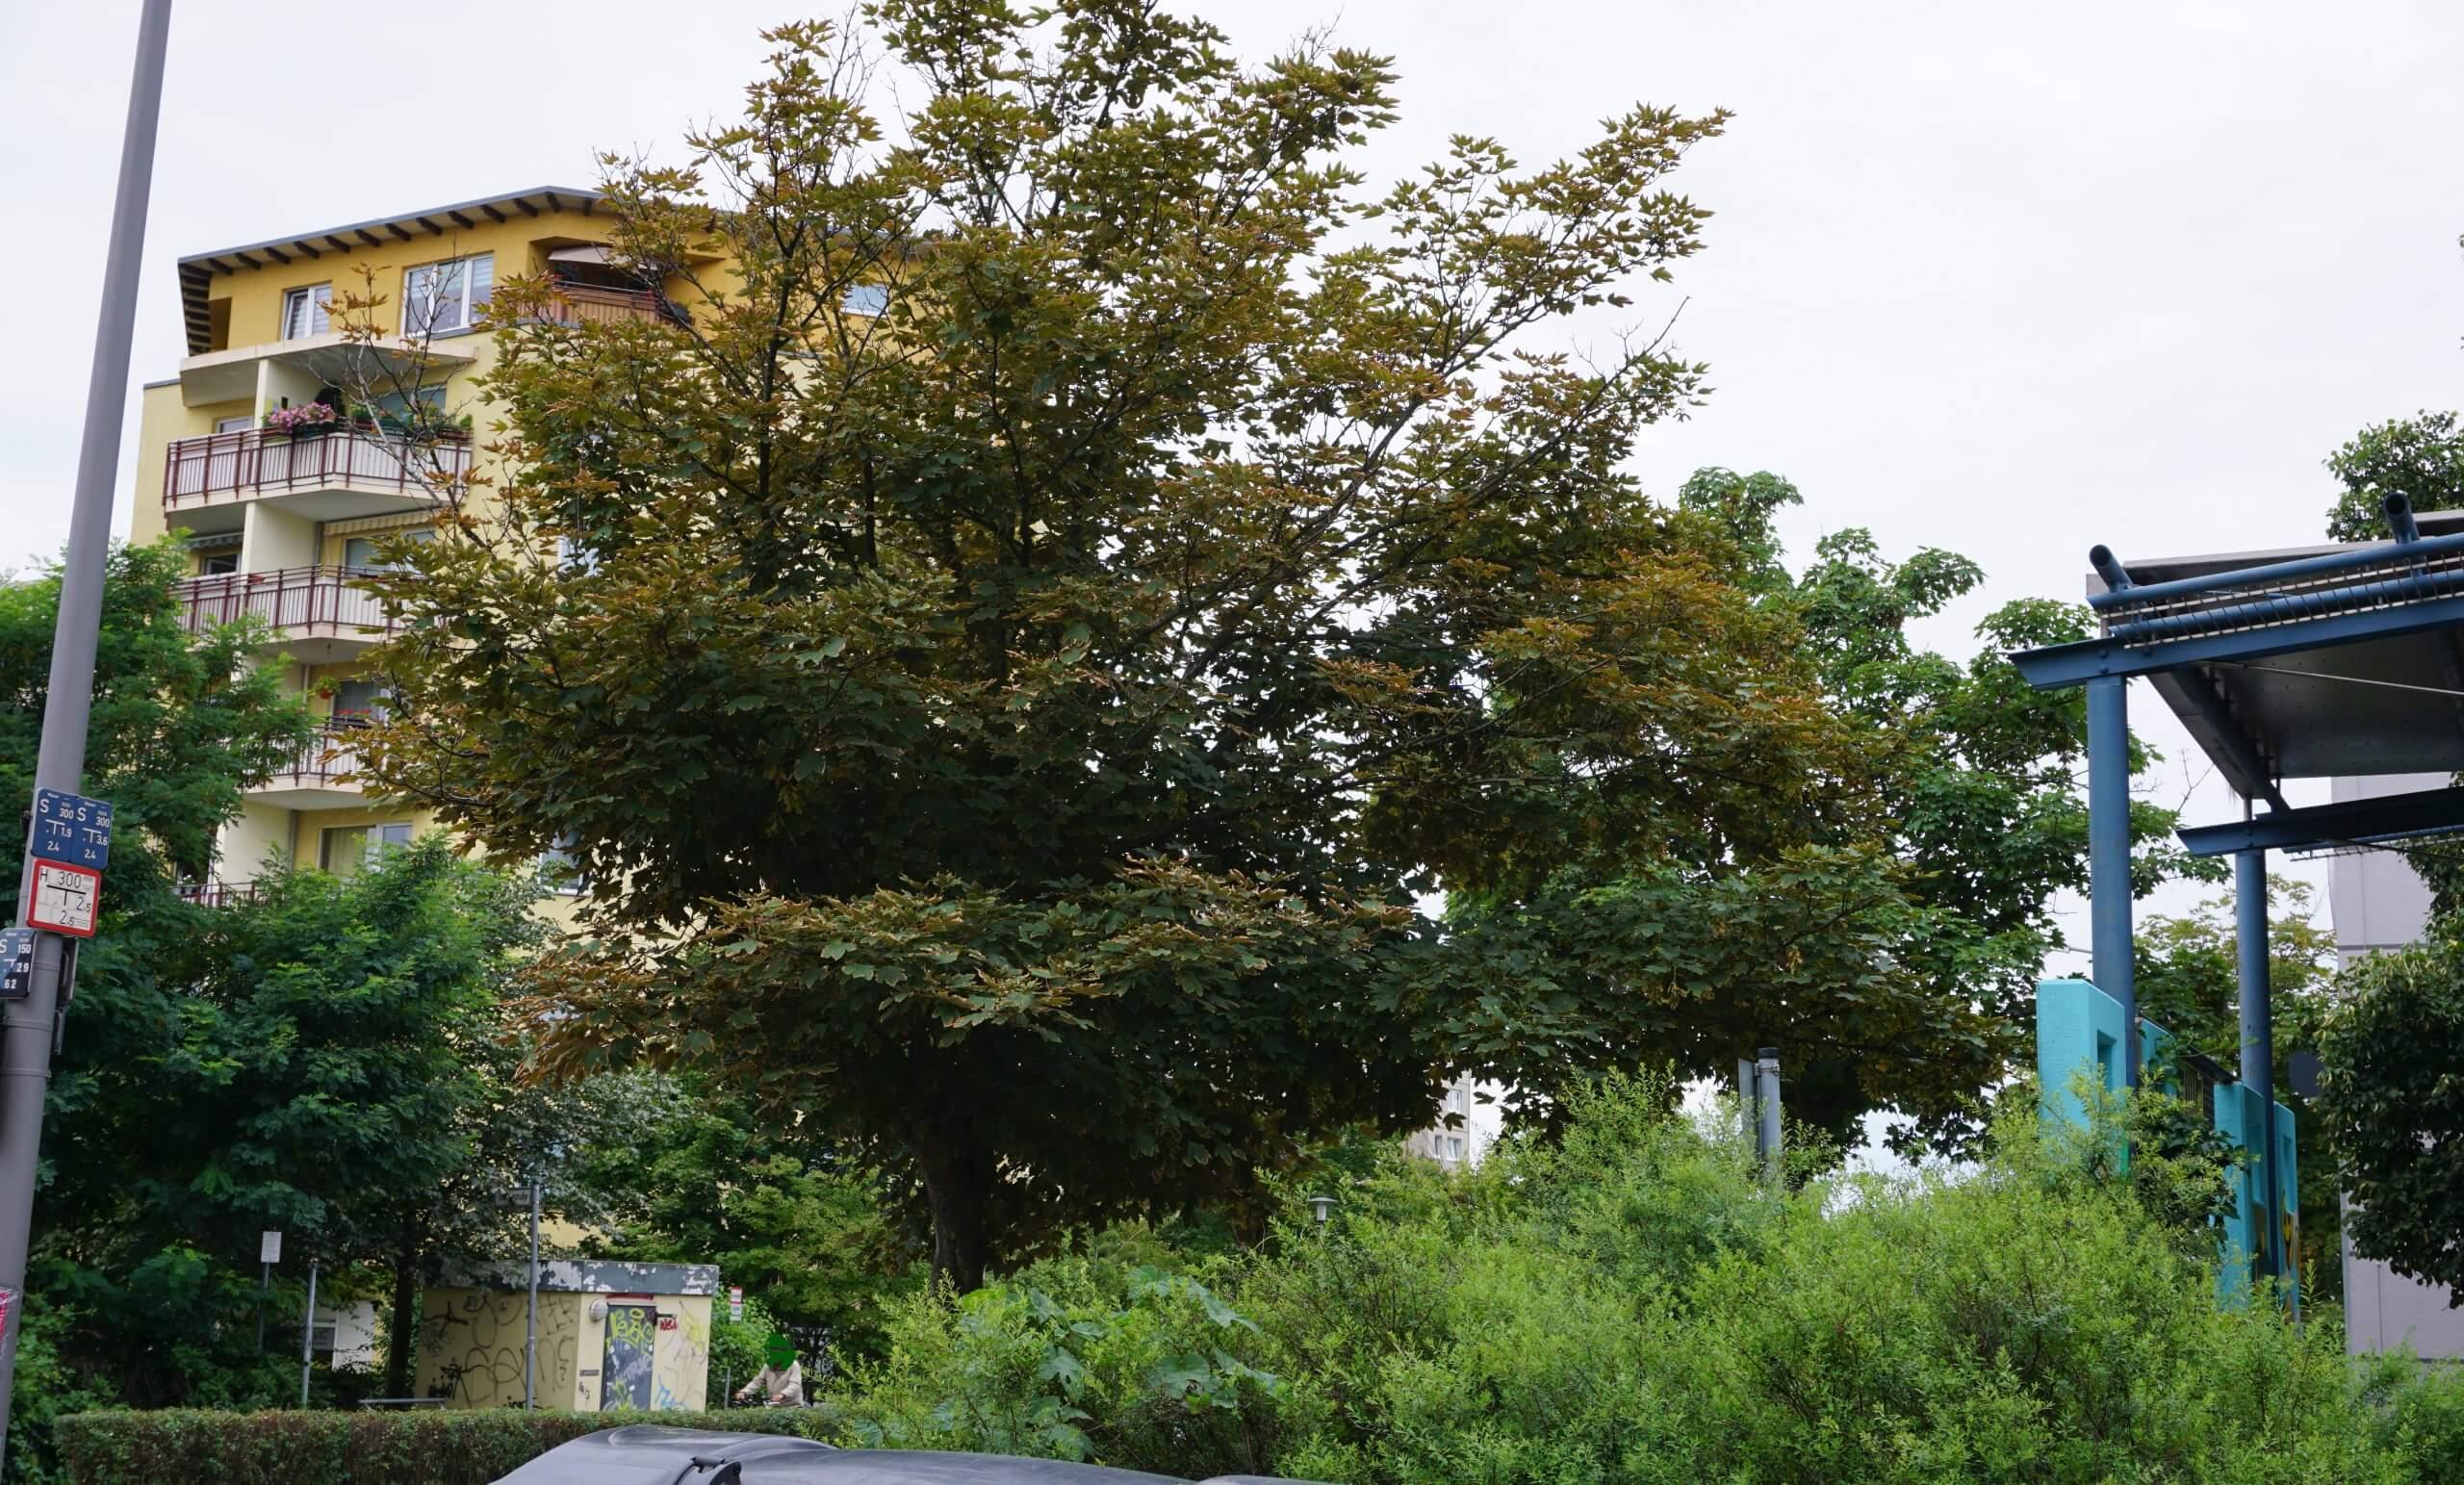 Das Bild zeigt ein Berg-Ahorn im Kosmosviertel an der Siriusstraße hinter dem Gebäudekomplex von Edeka. Es zeigt bereits, wie viele städtische Ahorne, im Sommer braune, vertrocknete Blattränder.